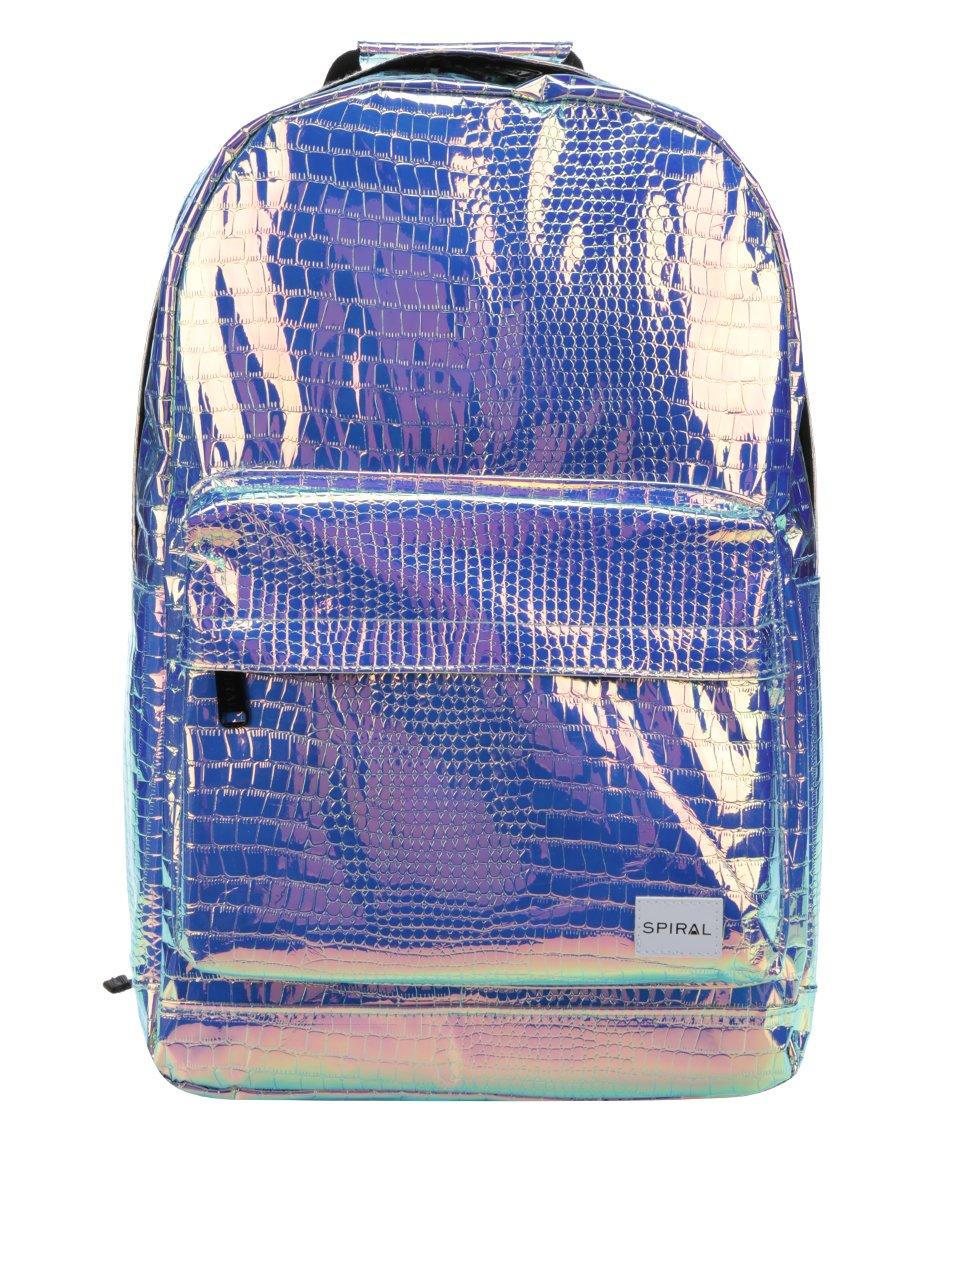 Holografický dámský batoh s hadím vzorem Spiral 18 l